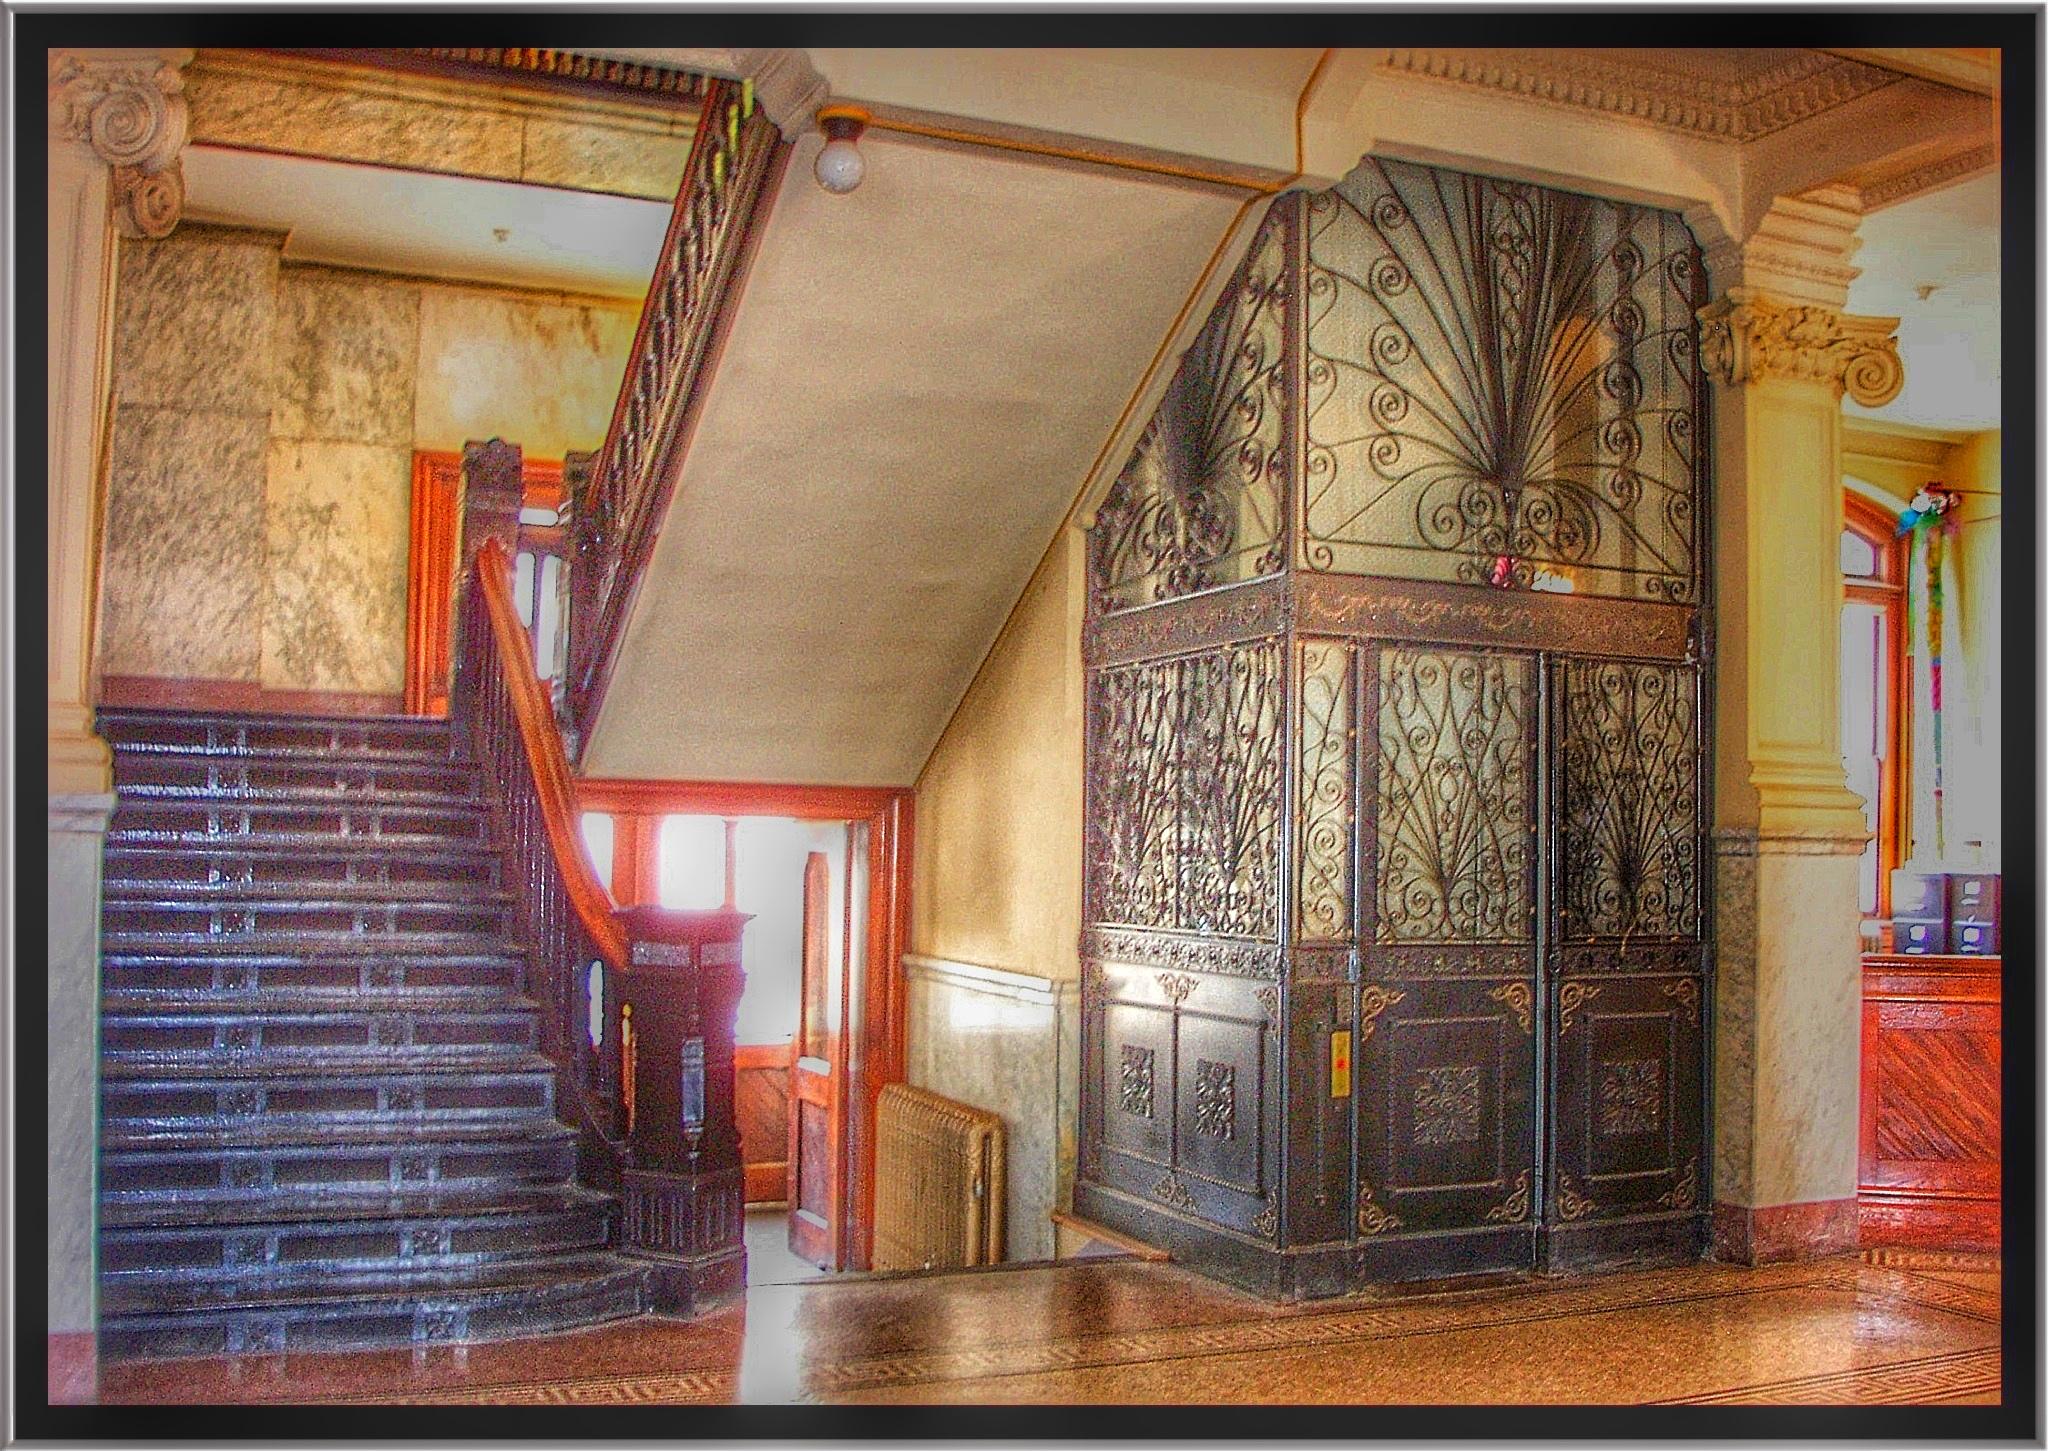 Fondos de pantalla antiguo arquitectura edificio for Diseno de interiores nota de corte